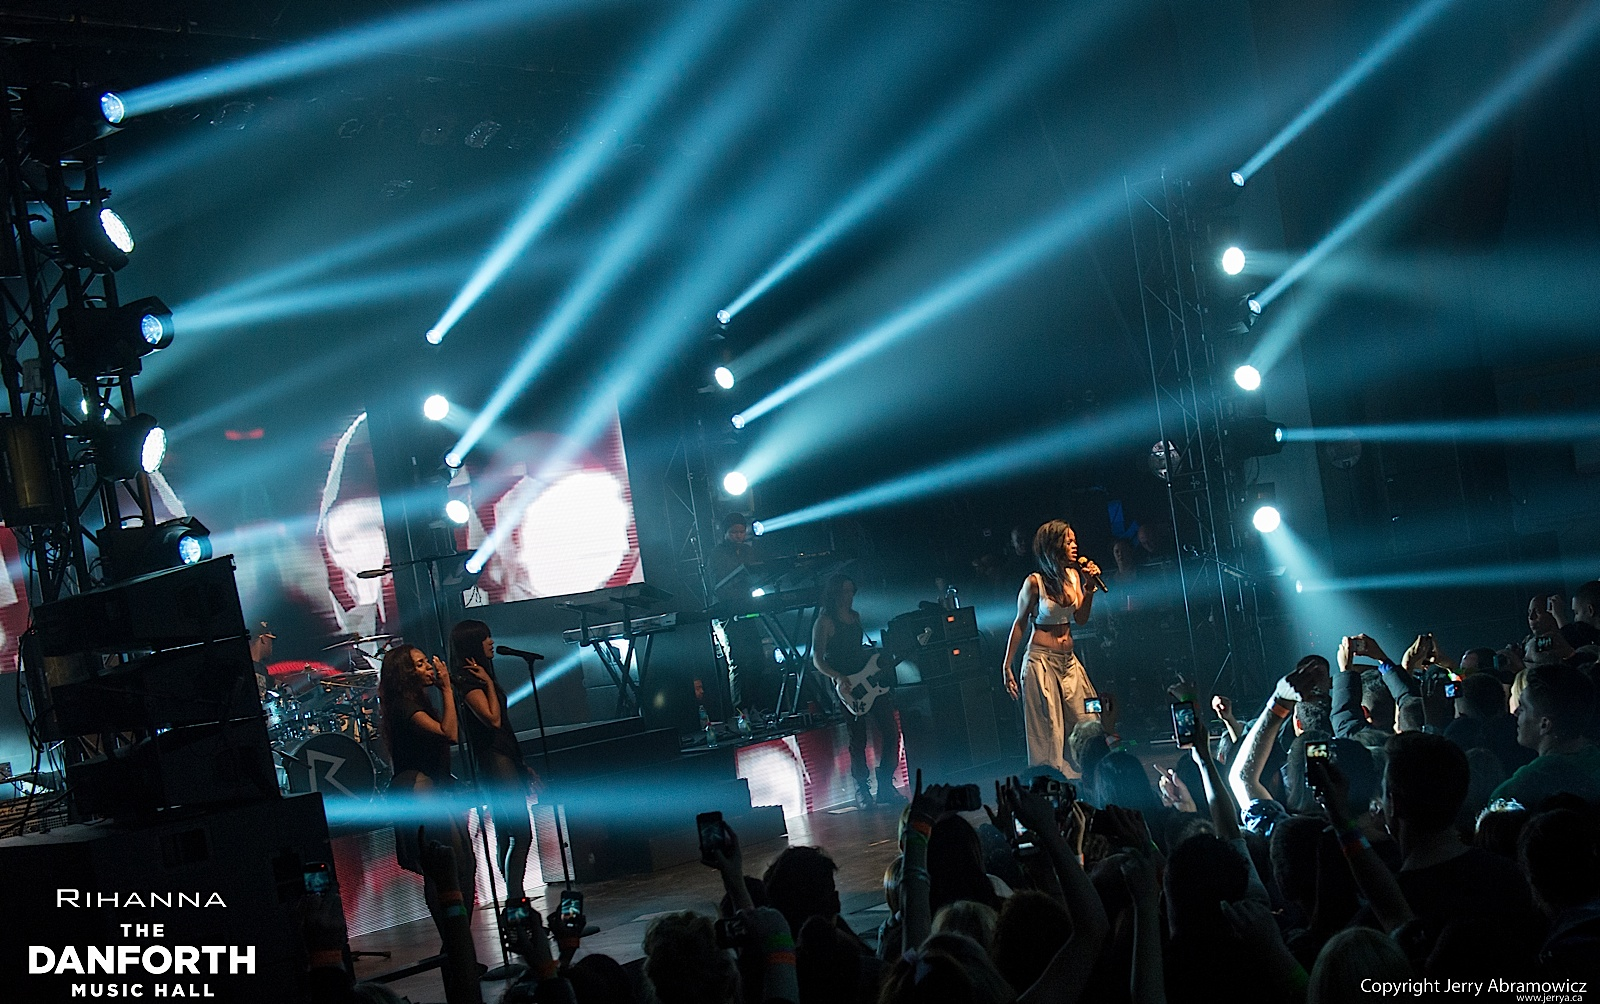 20121115 DMH Rihanna 01074